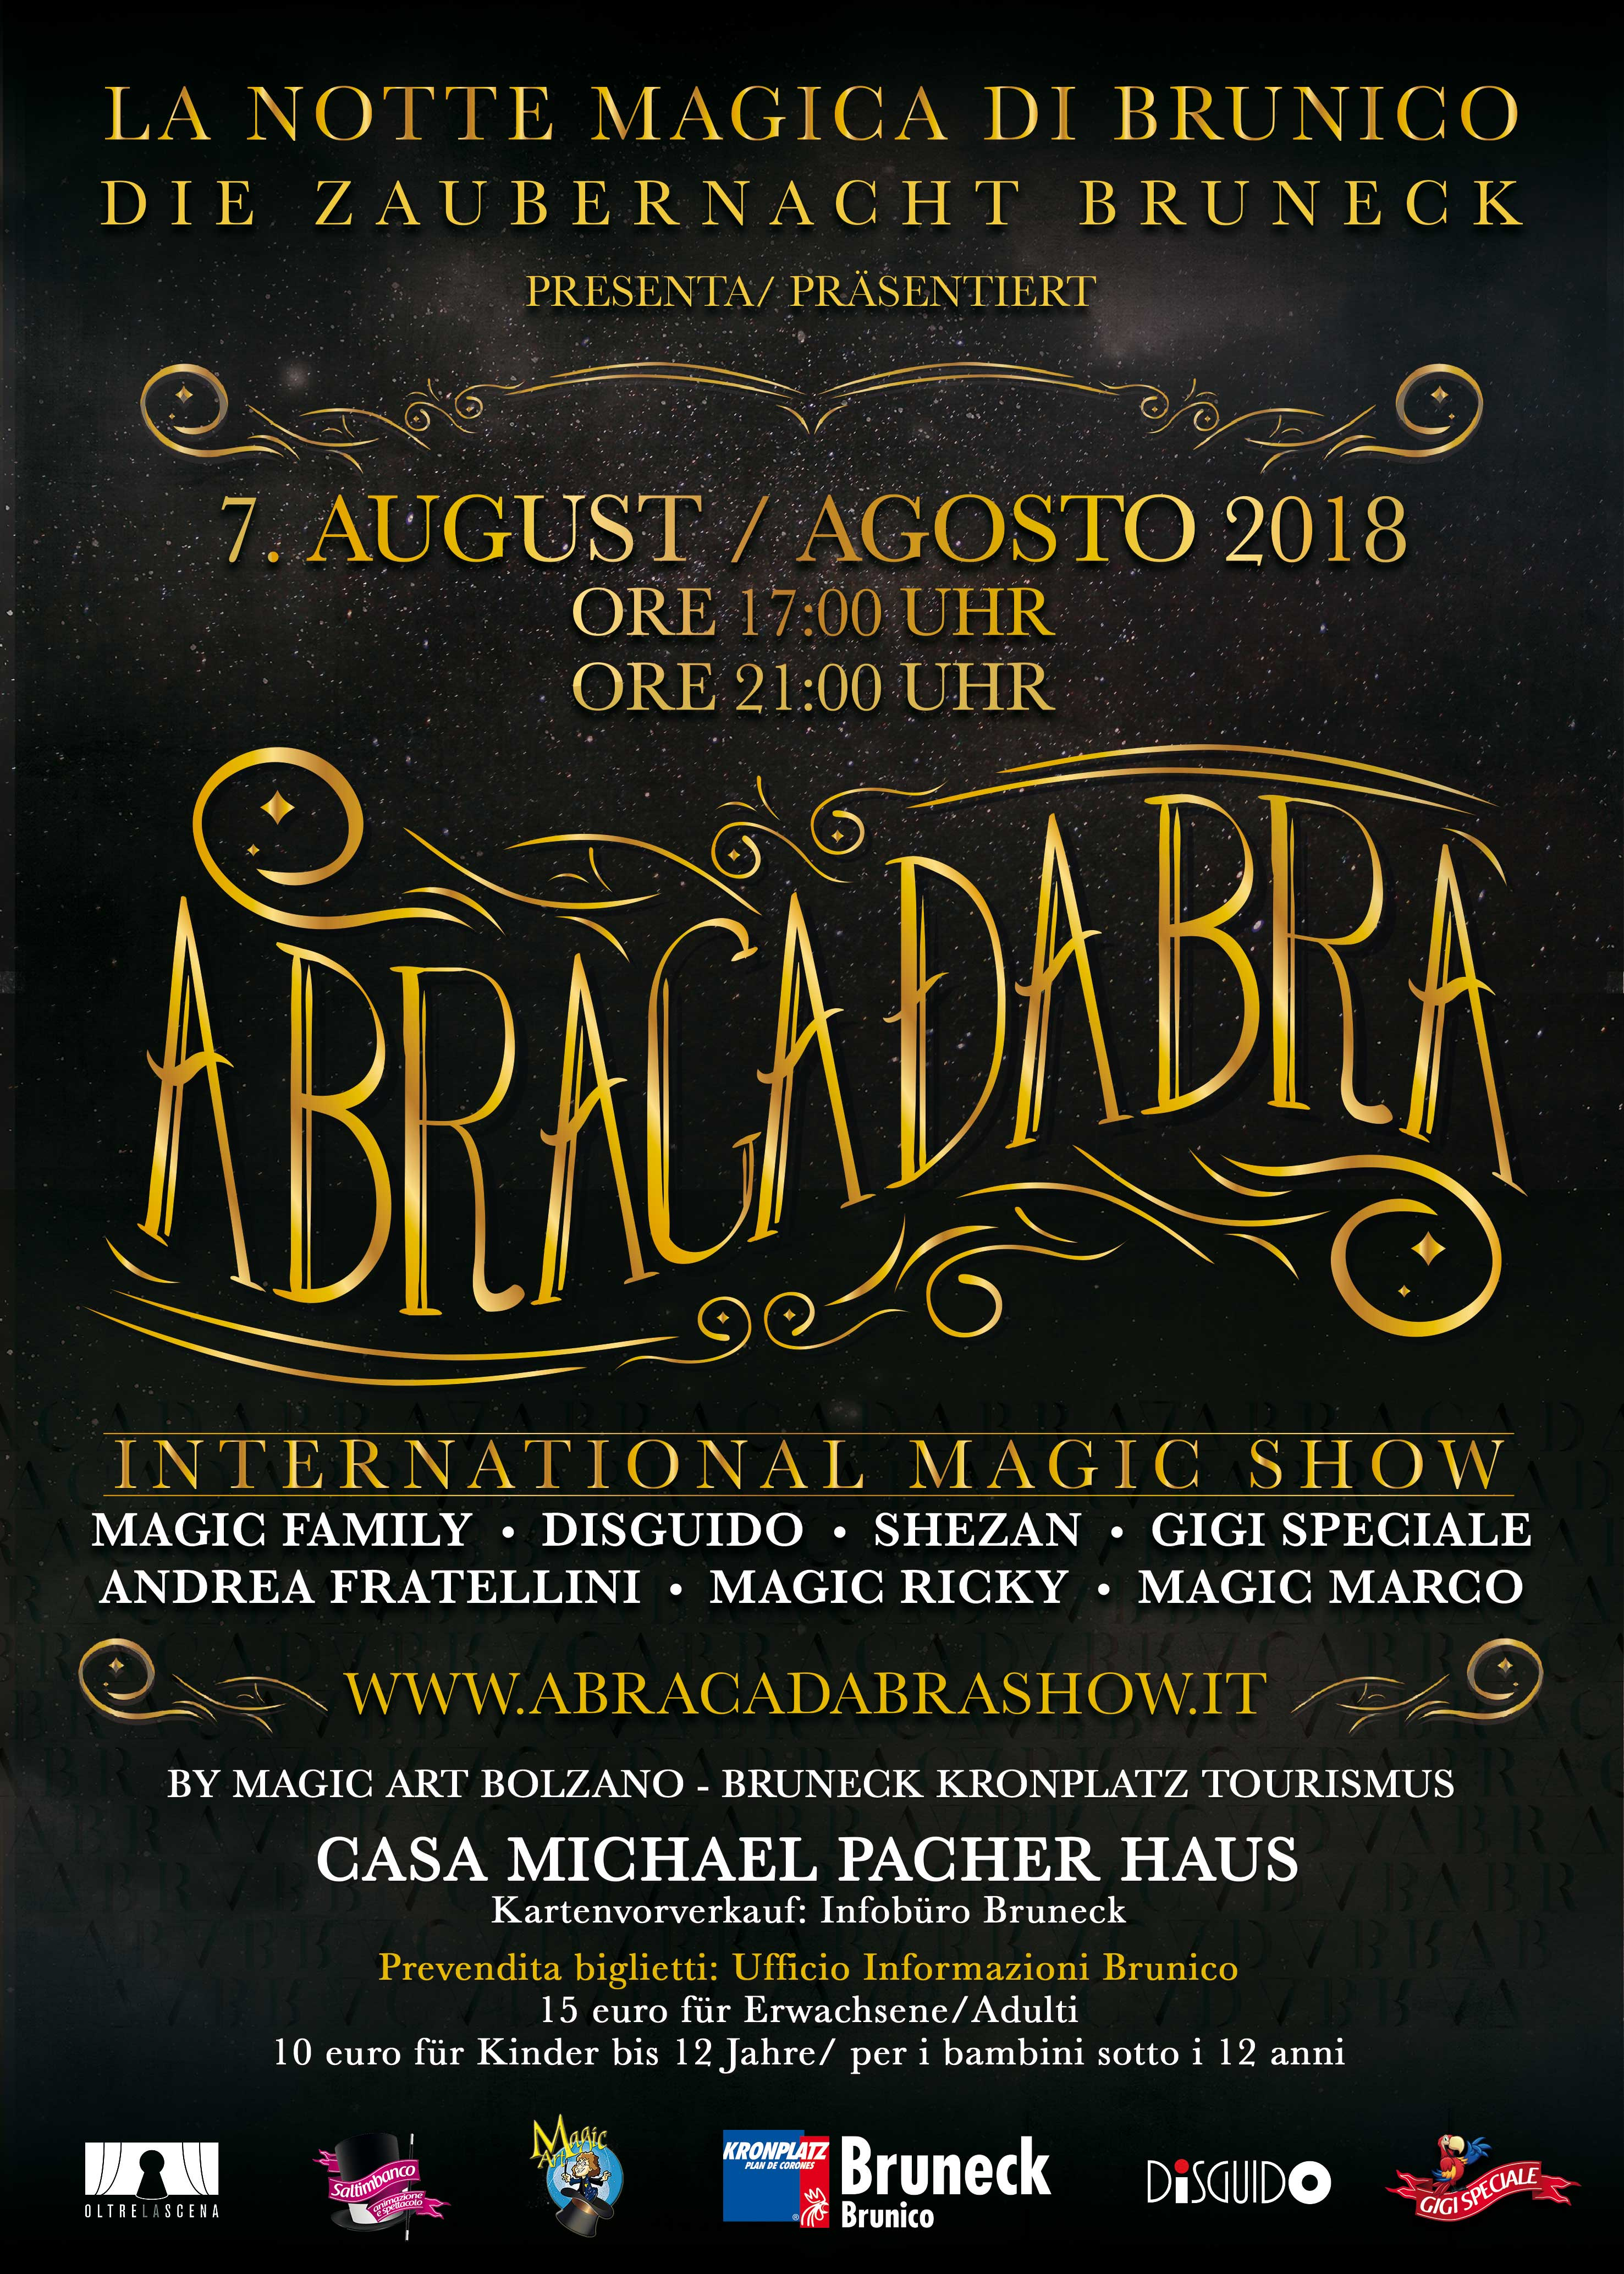 Abracadabra Brunico - abracadabra show